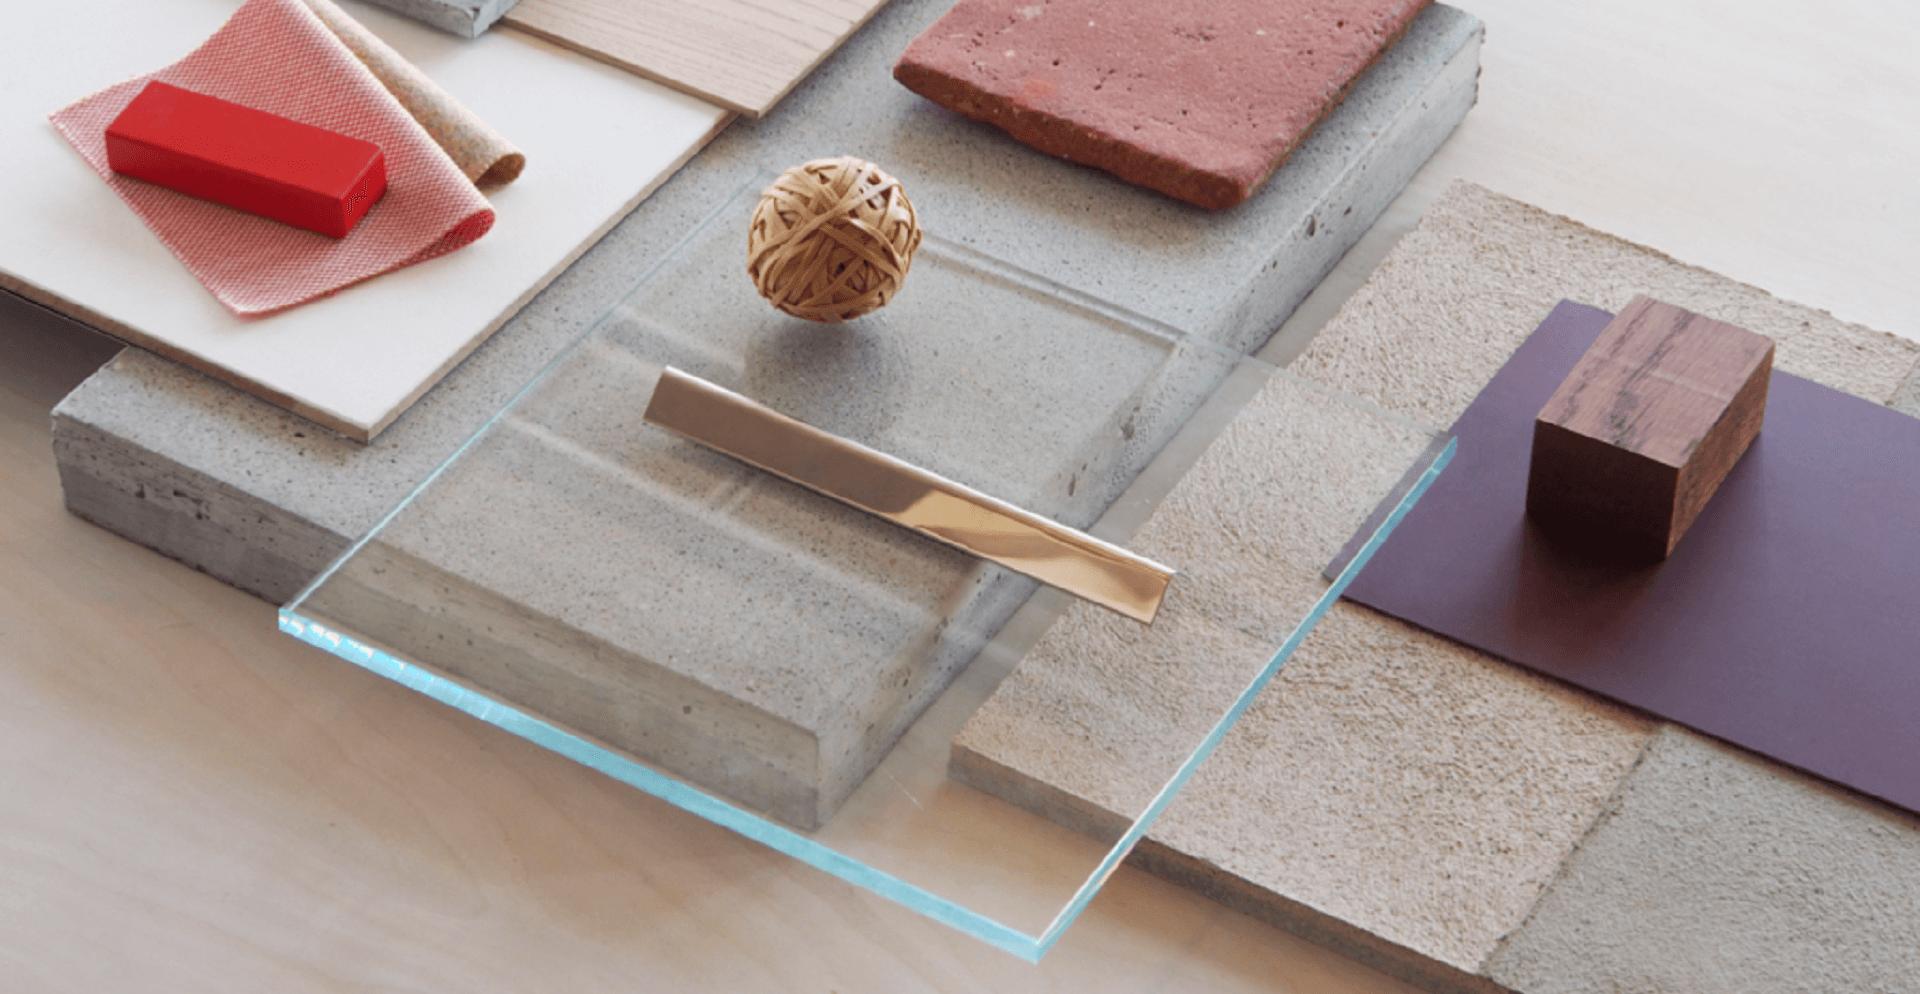 Redecora tu hogar proyectos de interiorismo y proyectos de decoración en Vitoria